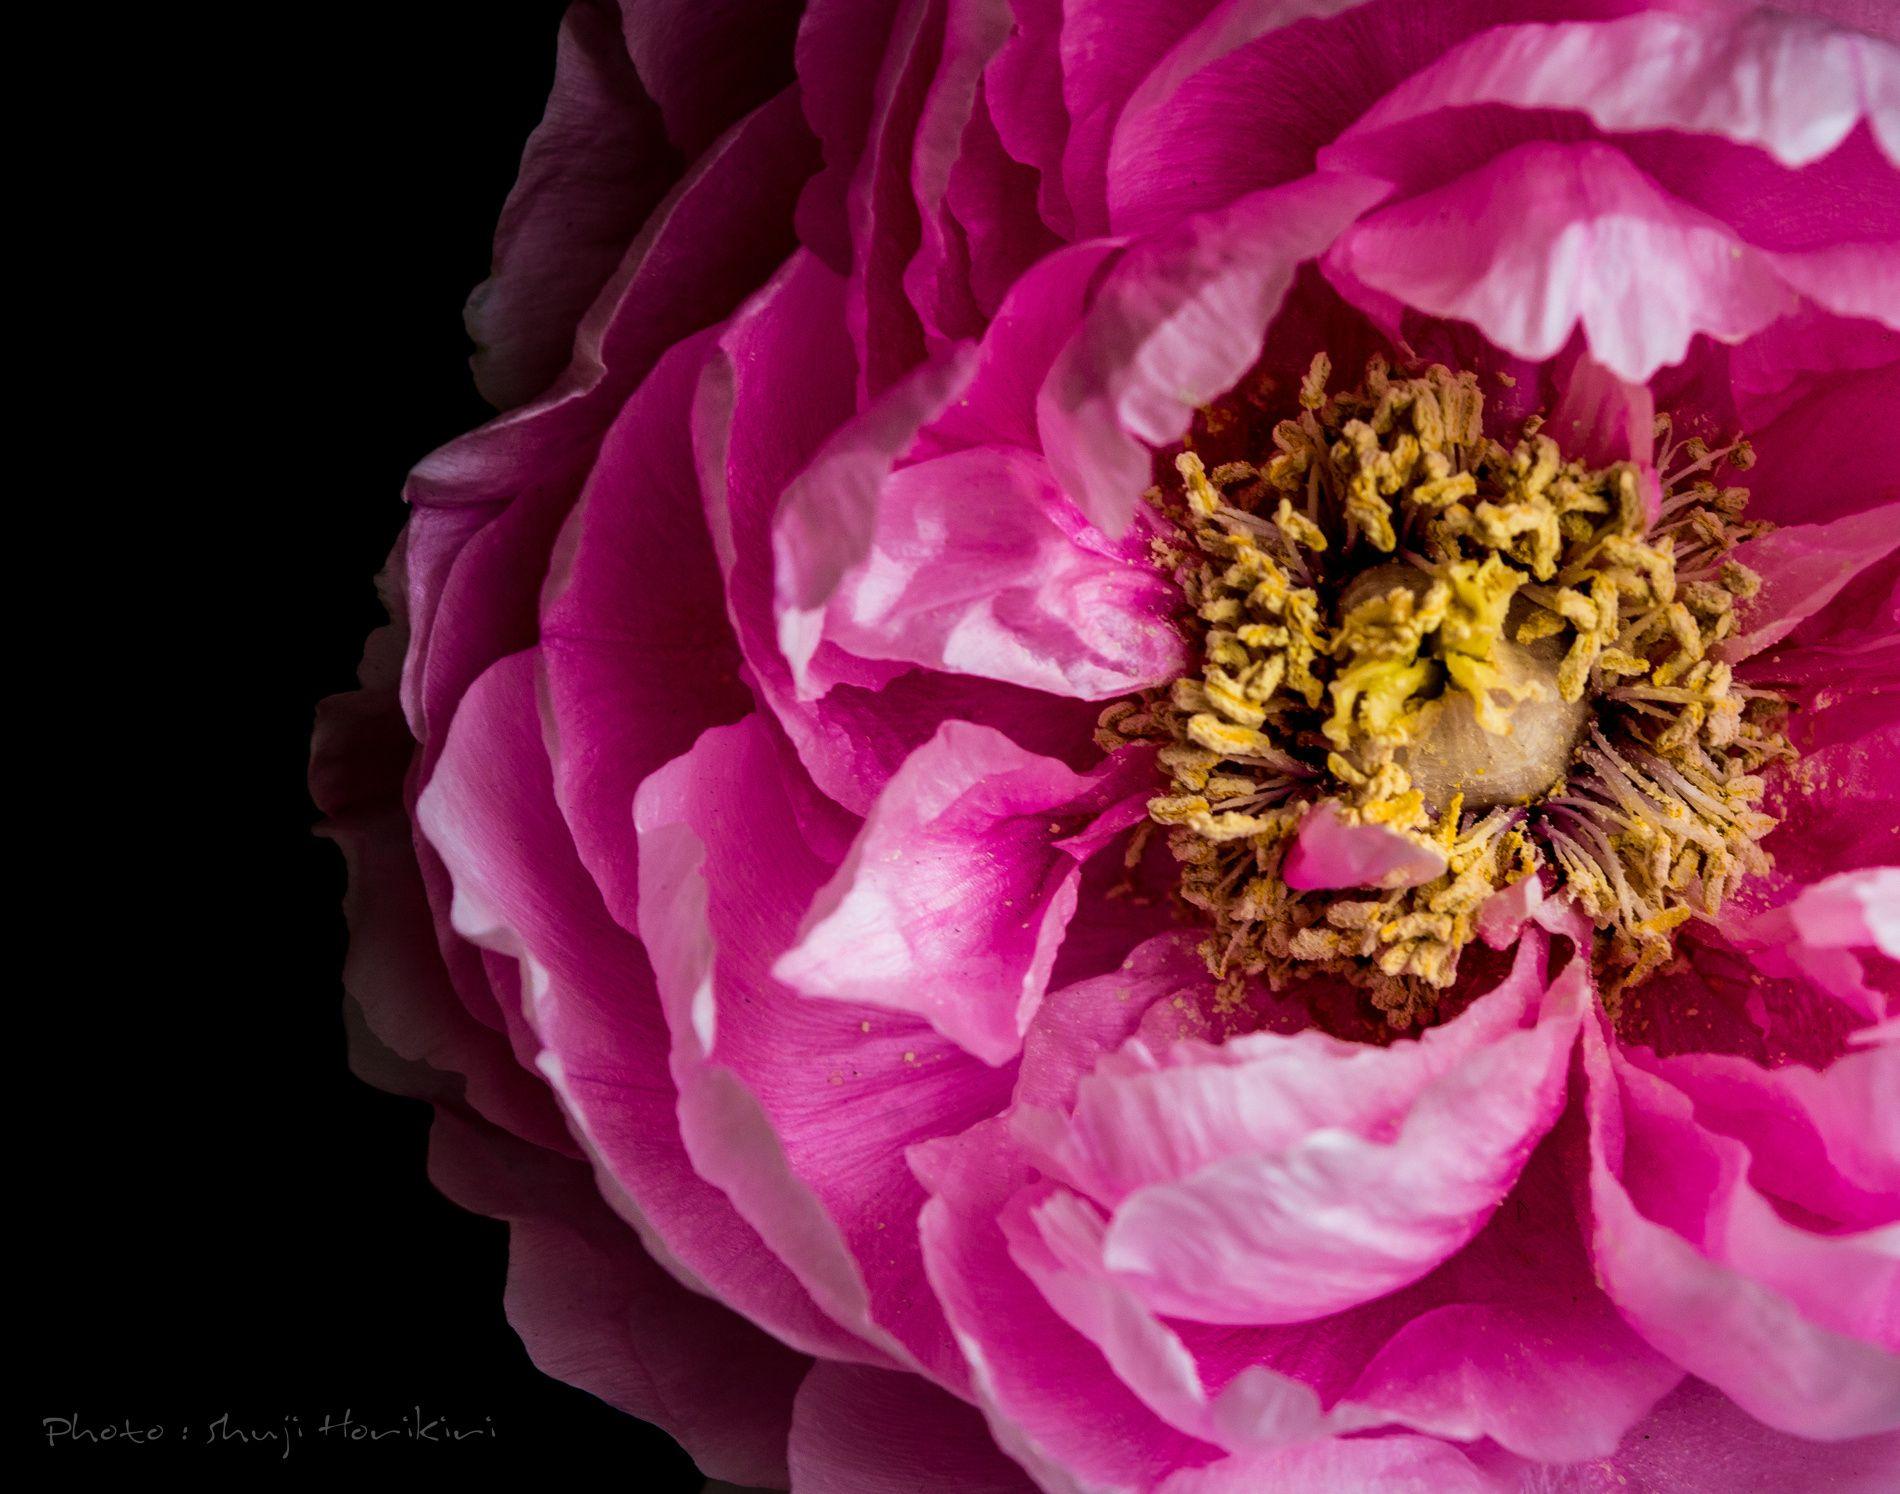 Photograph Peony flower by Shuji Horikiri on 500px